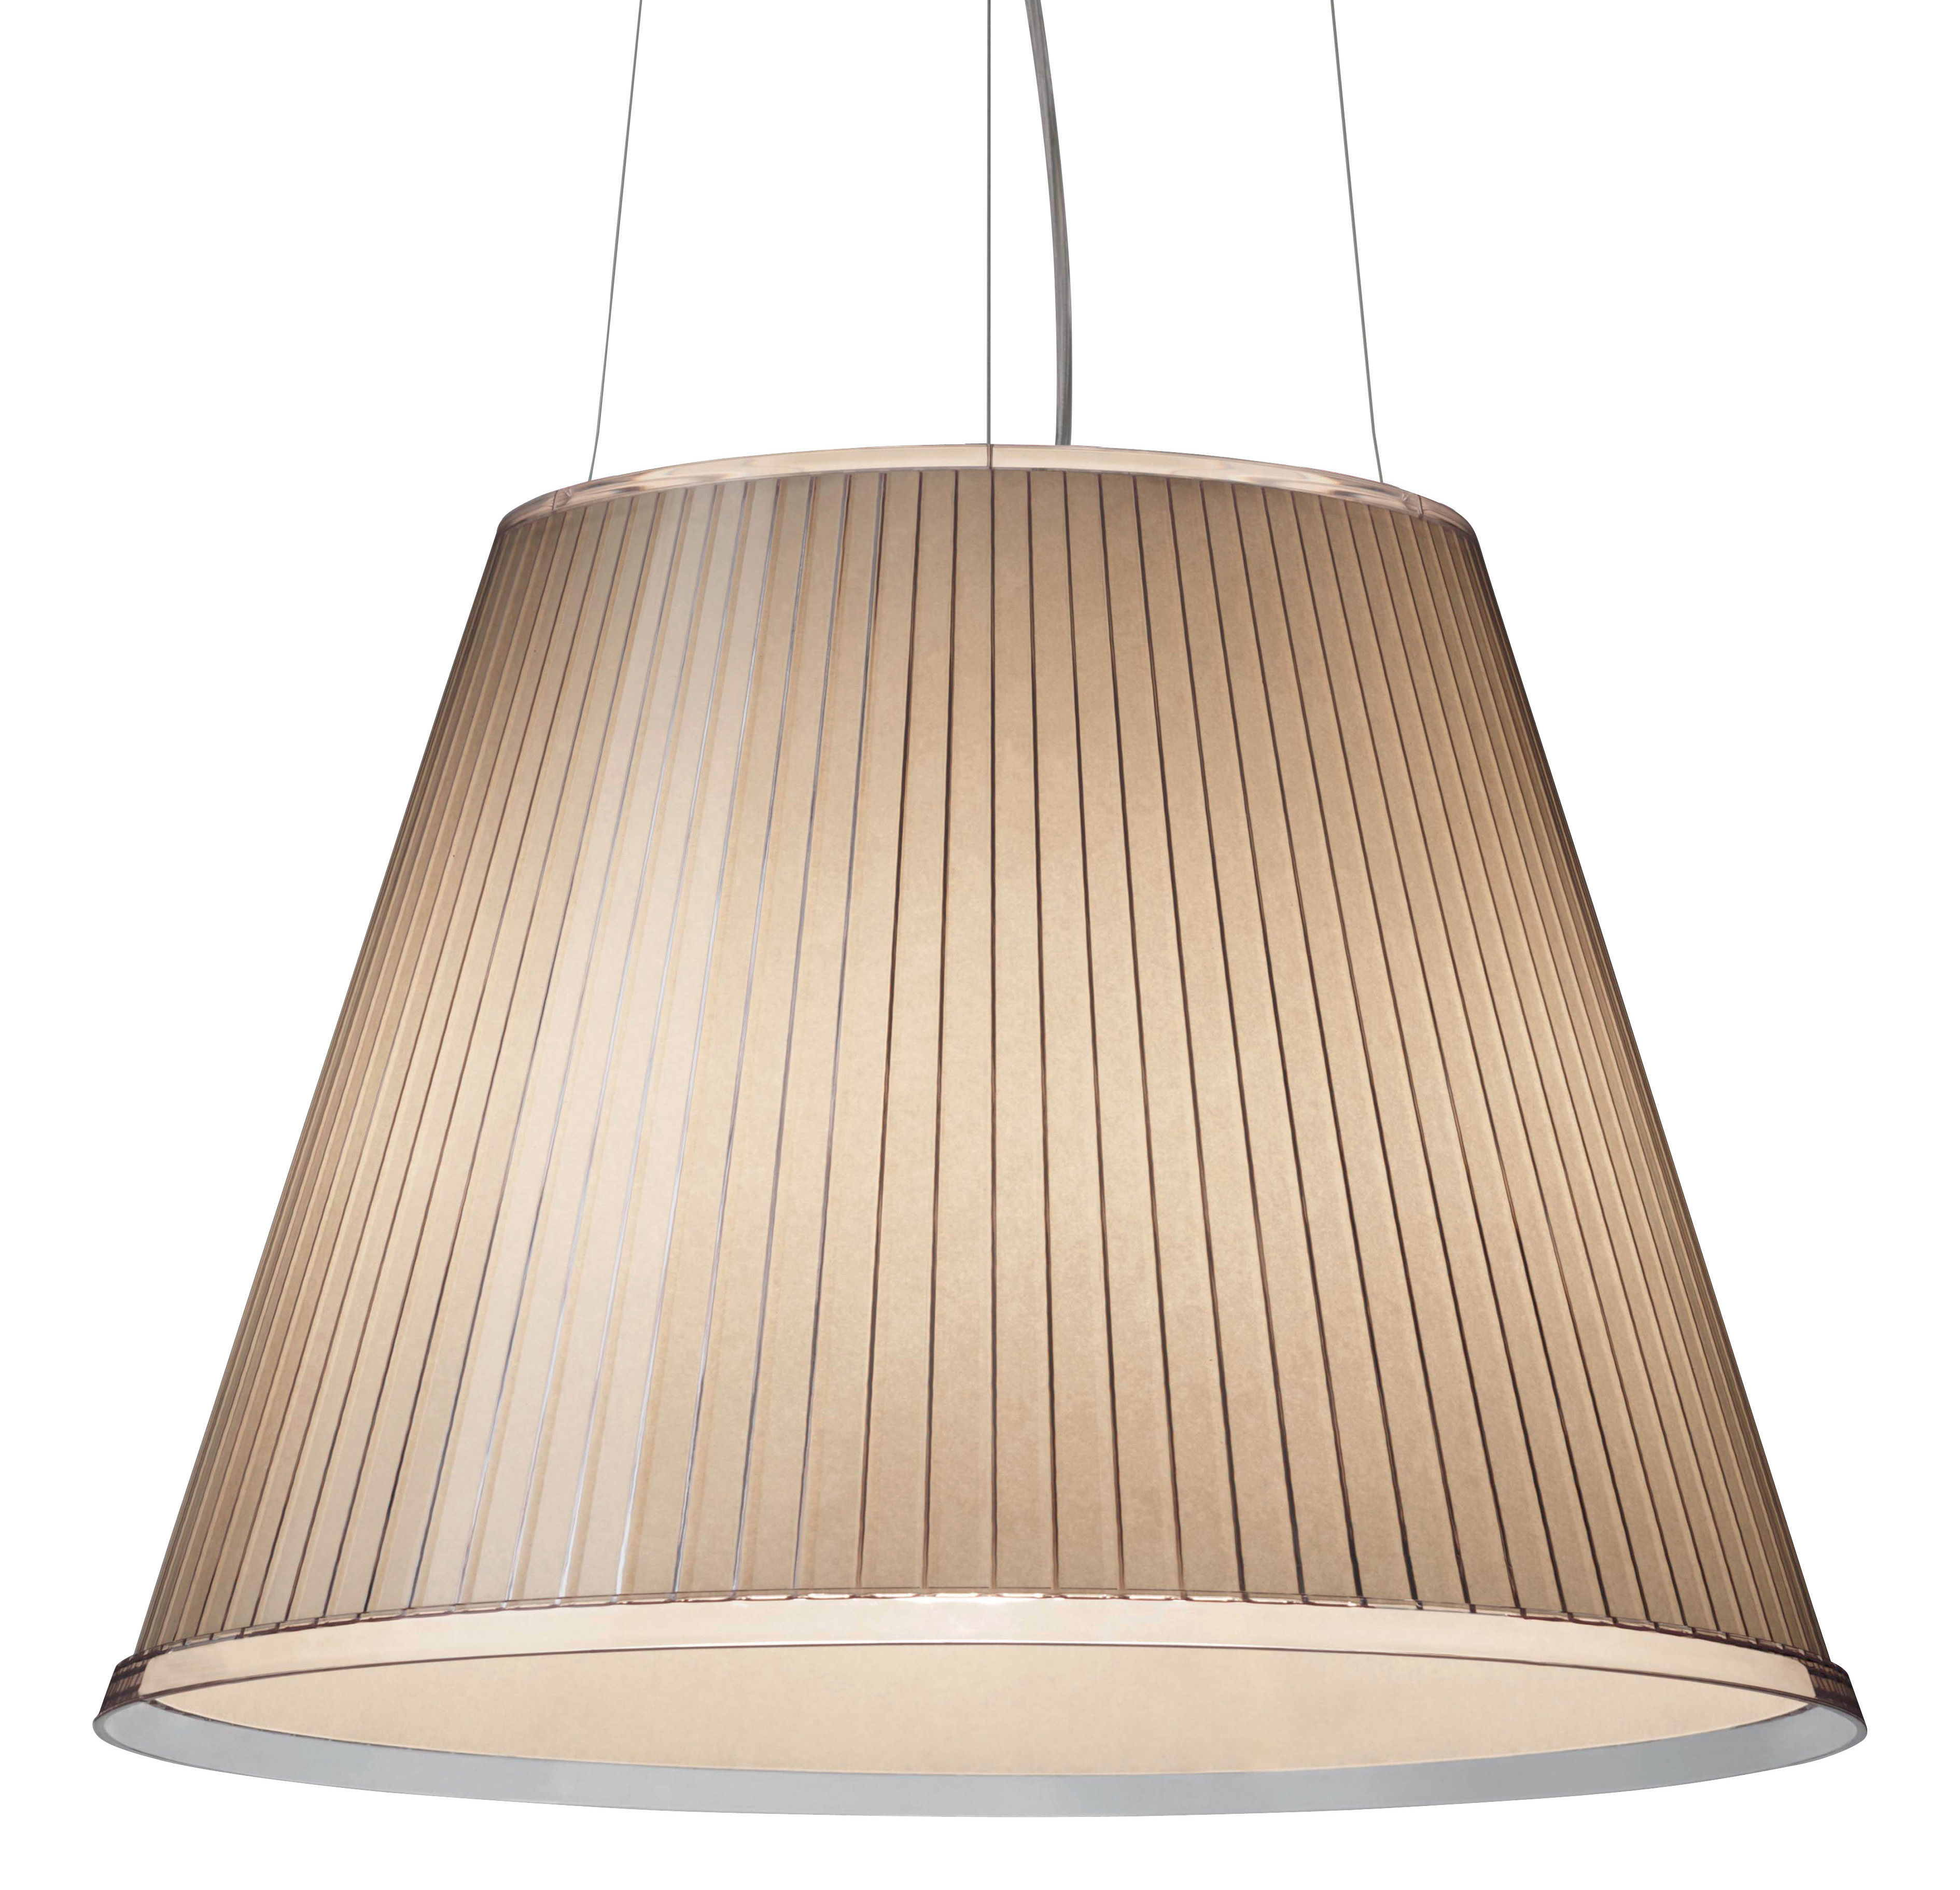 Luminaire - Suspensions - Suspension Choose Ø 35 cm - Artemide - Beige - Papier parchemin, Polycarbonate